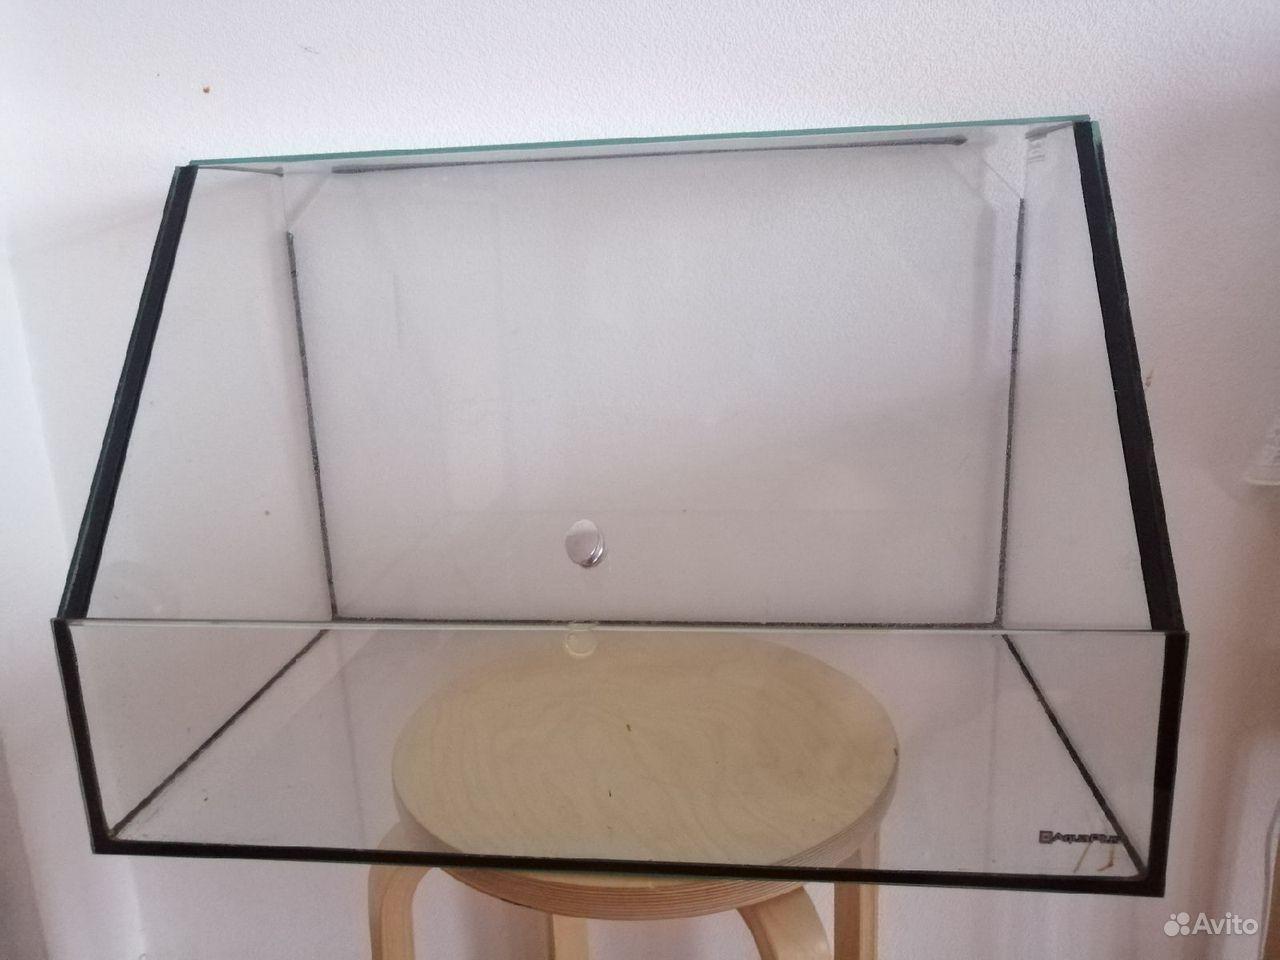 Черепашник акваплюс Ч-69 (600Х350Х400) купить на Зозу.ру - фотография № 4